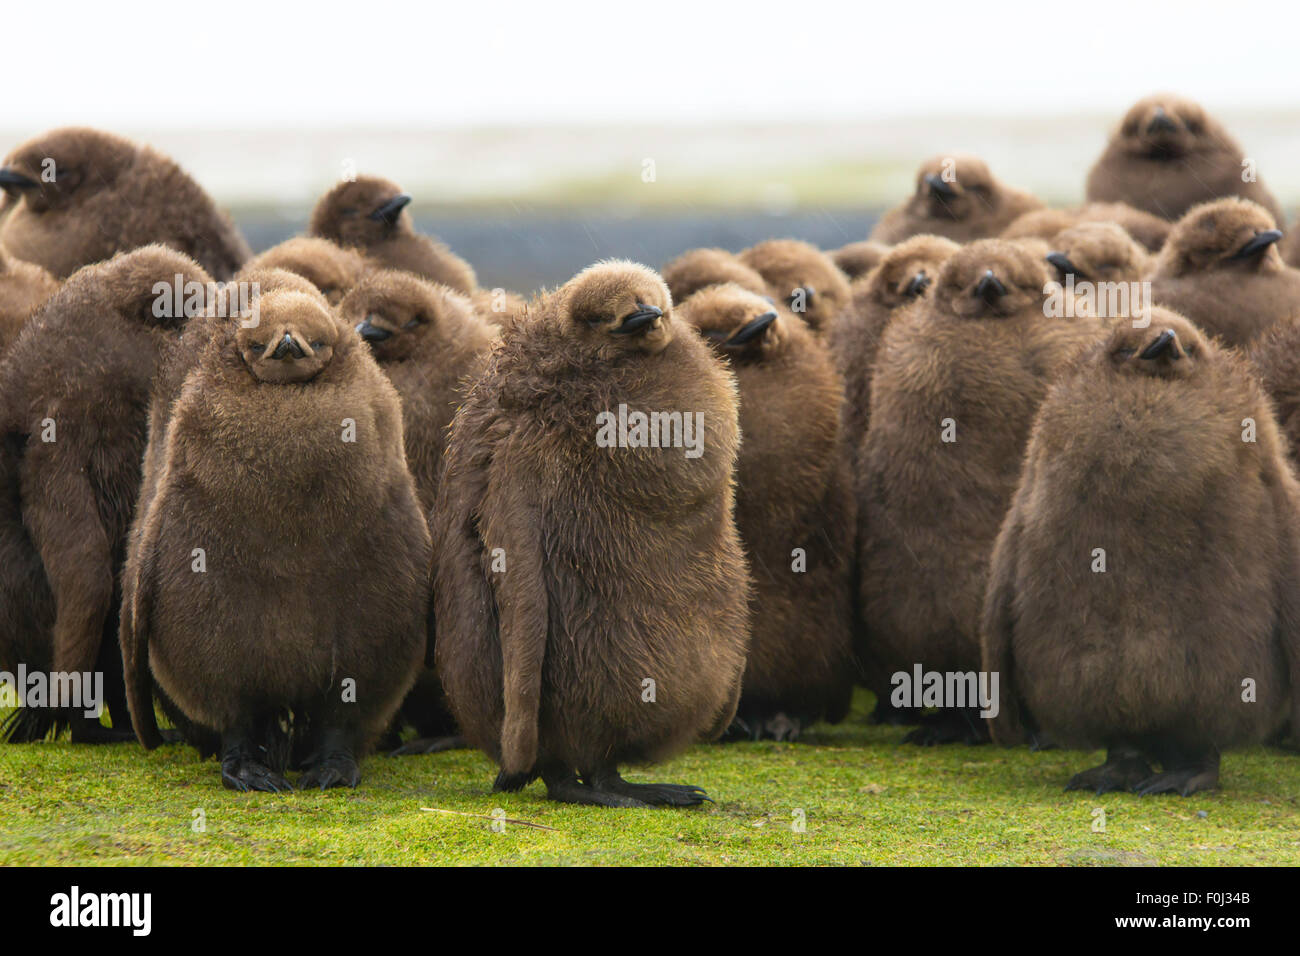 Manchot royal (Aptenodytes patagonicus) Crèche de gros poussins brun. Point de bénévolat, îles Falkland. Banque D'Images